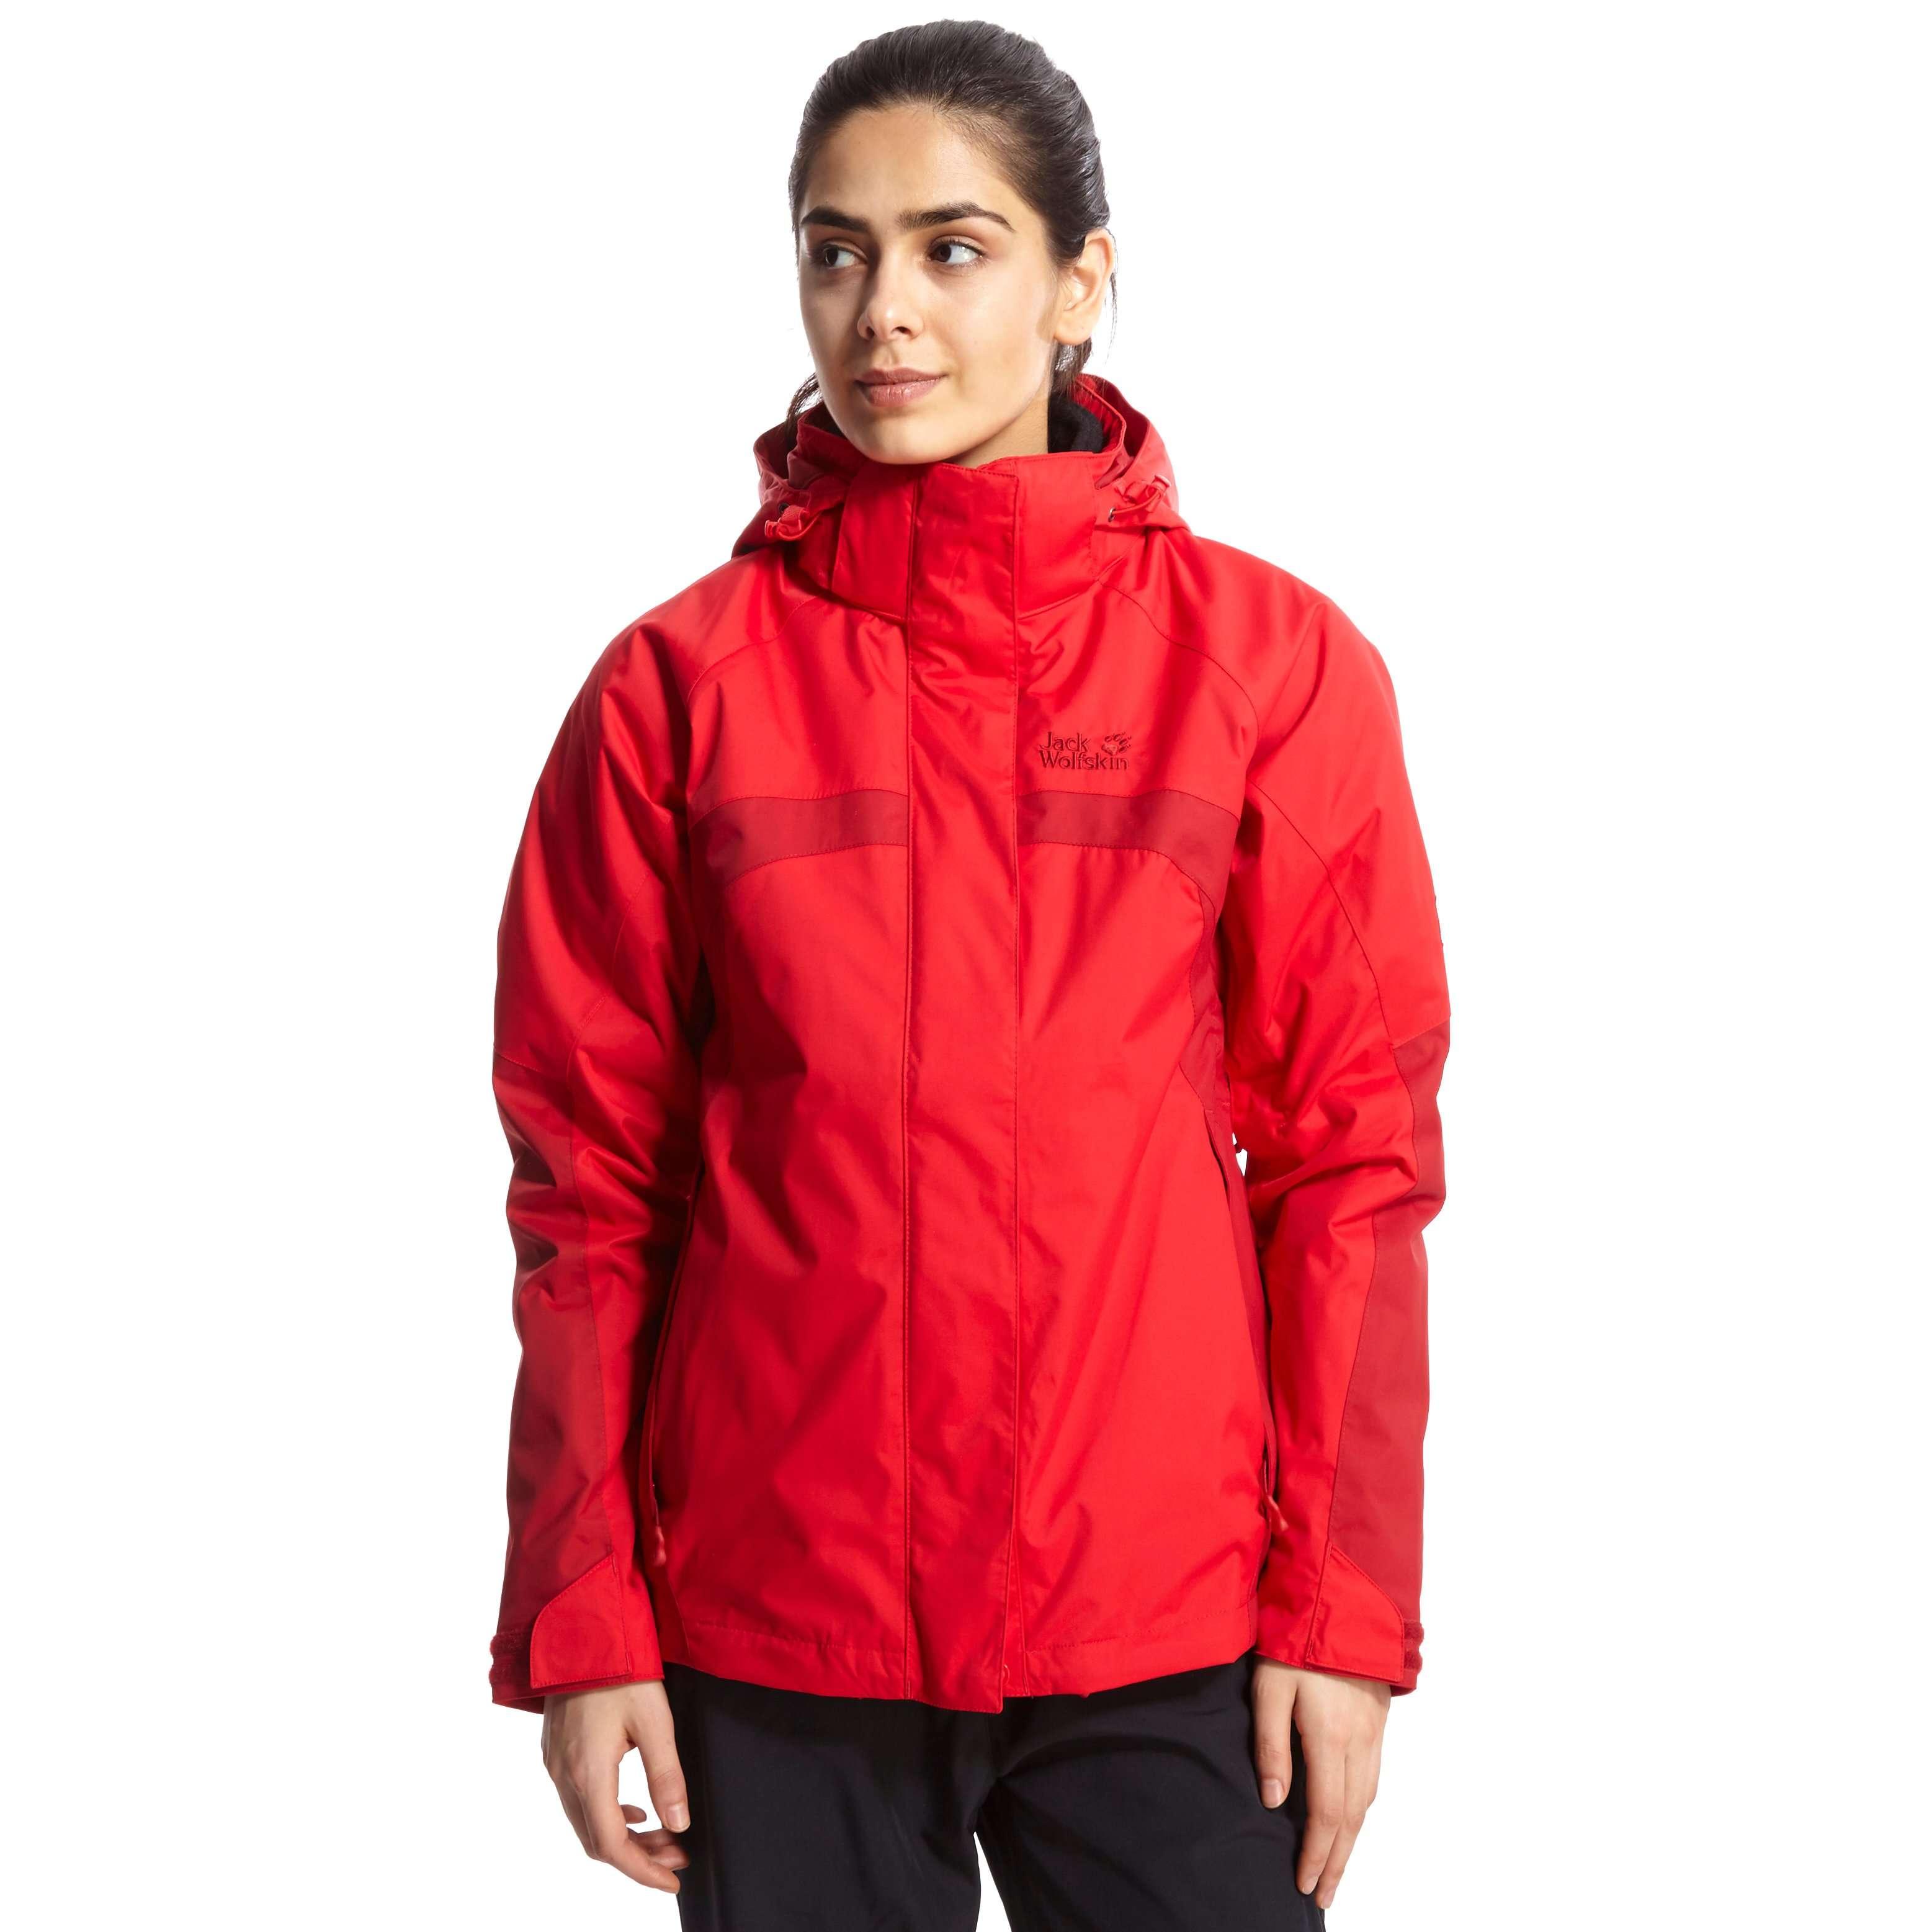 JACK WOLFSKIN Women's Feel 3 in 1 Texapore Jacket